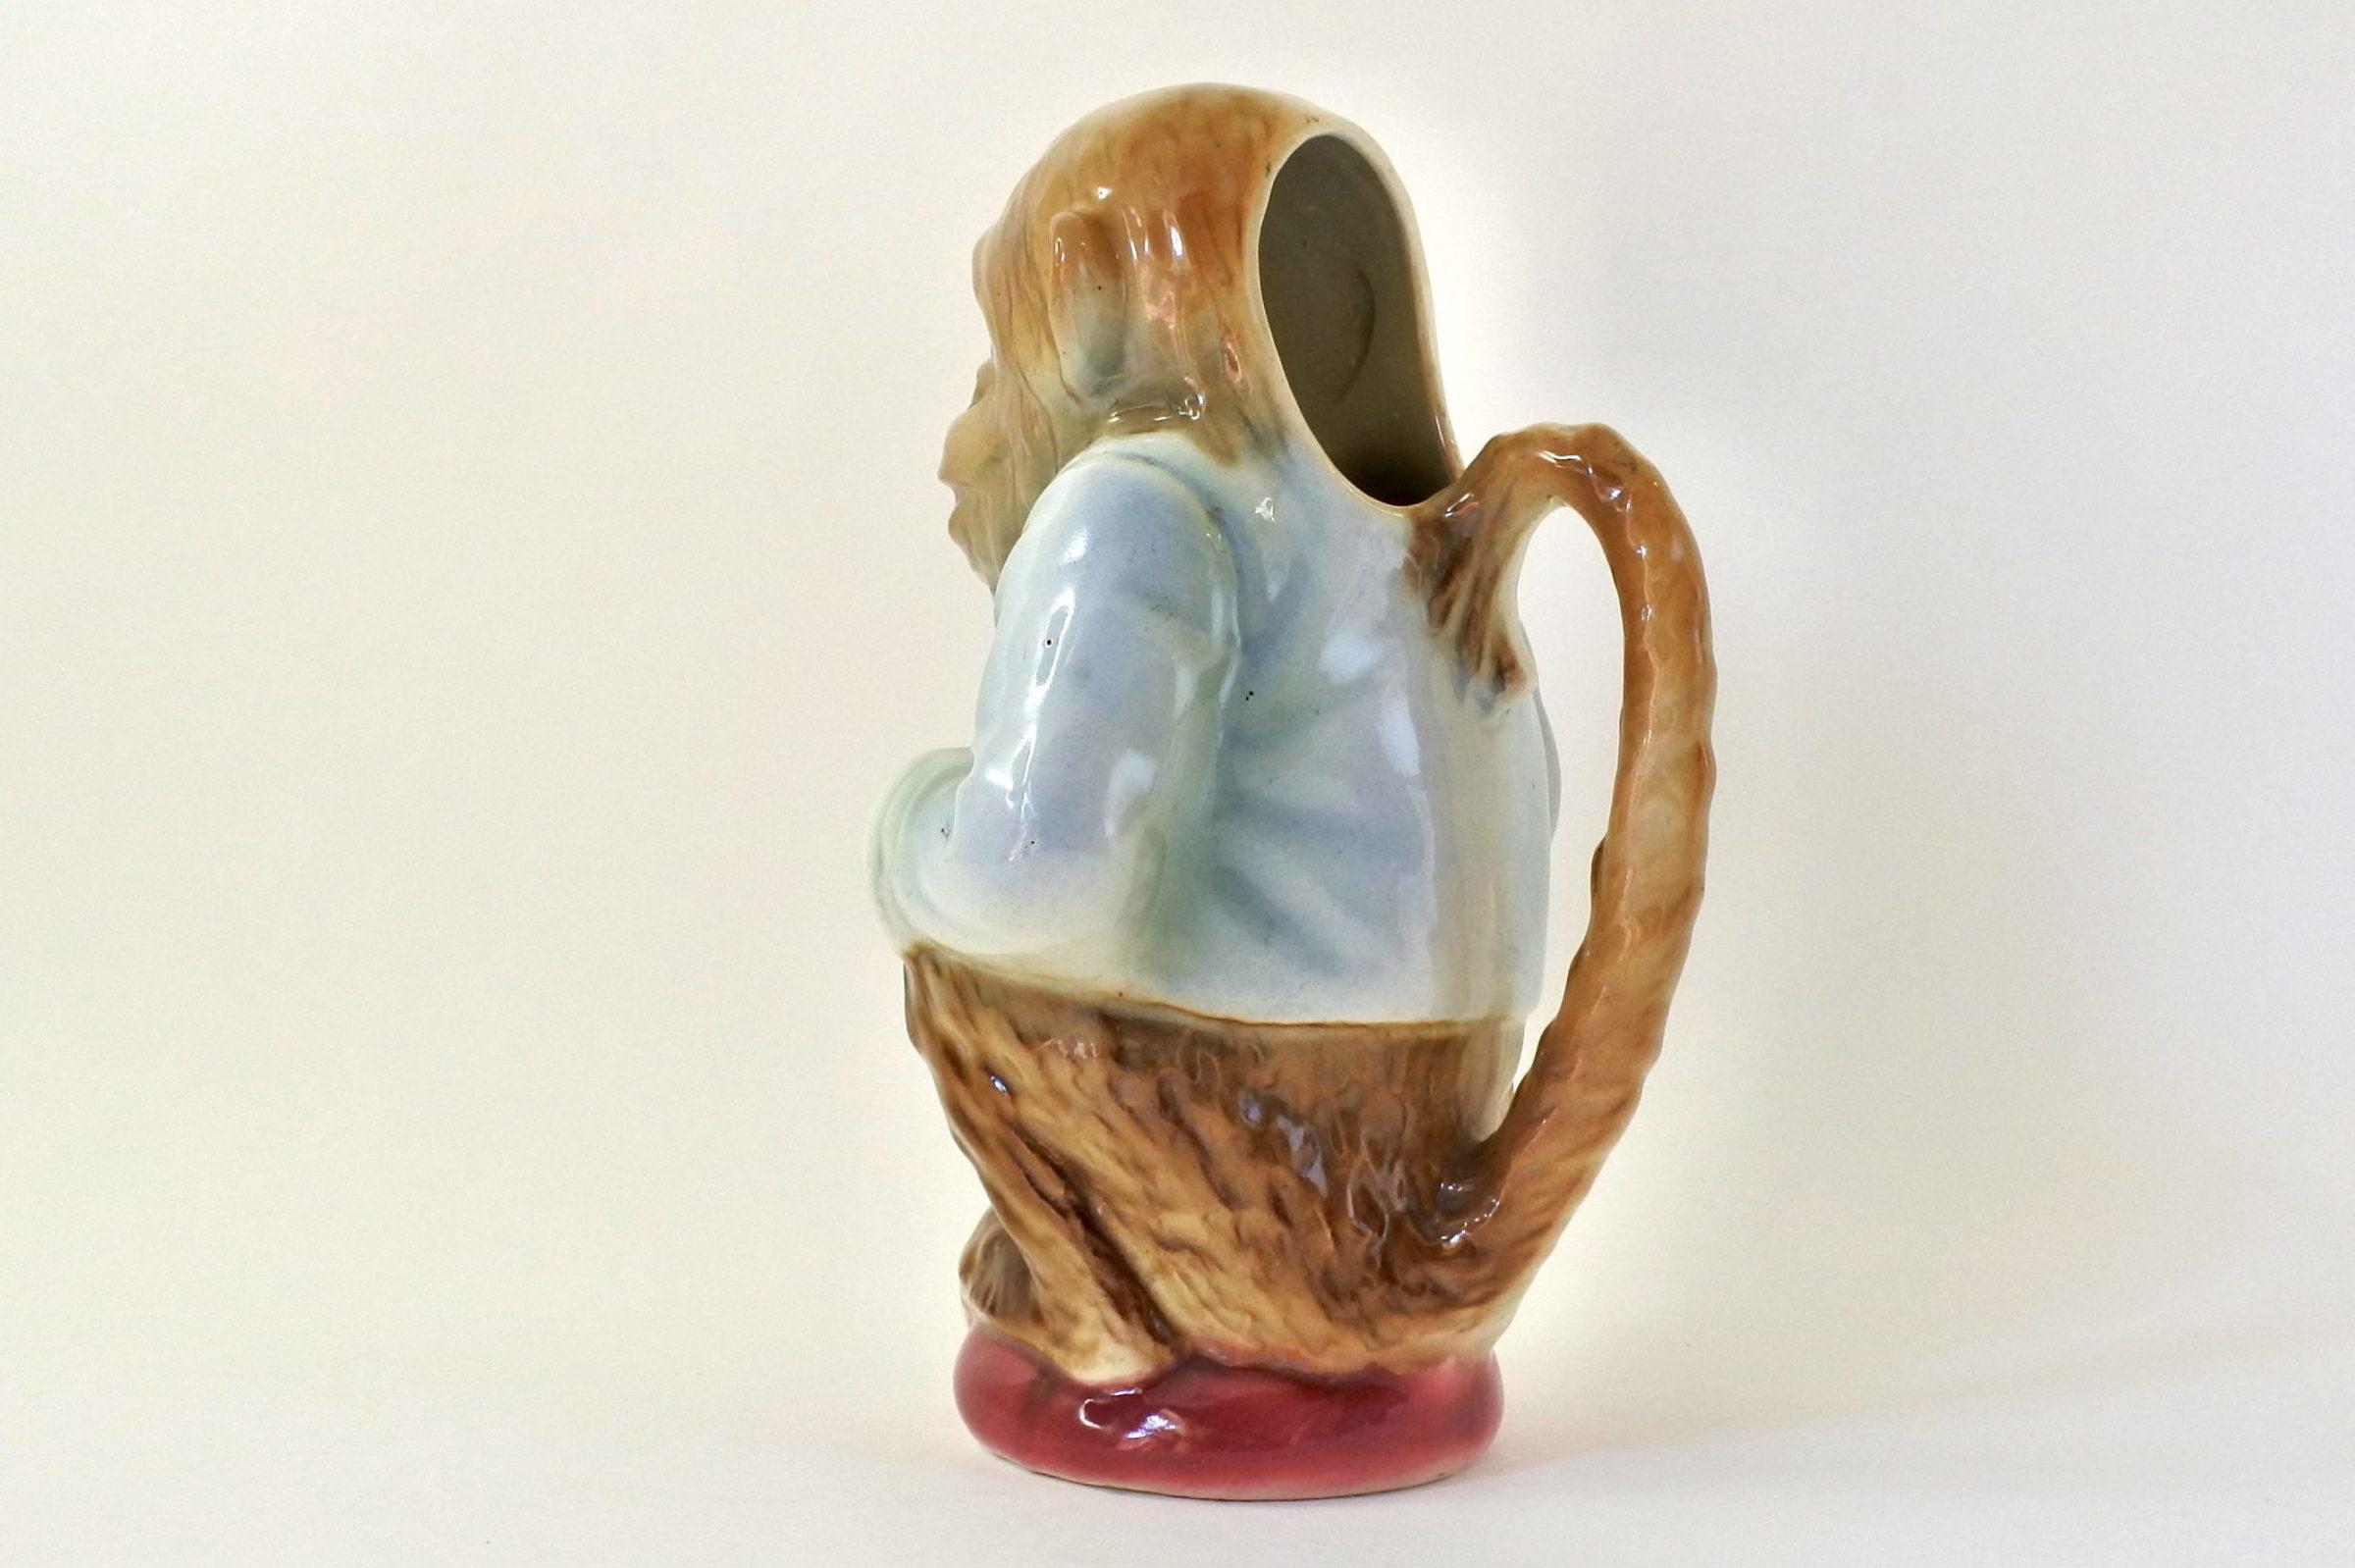 Brocca in ceramica barbotine con forma di scimmia - Saint Clément n° 435 - 2